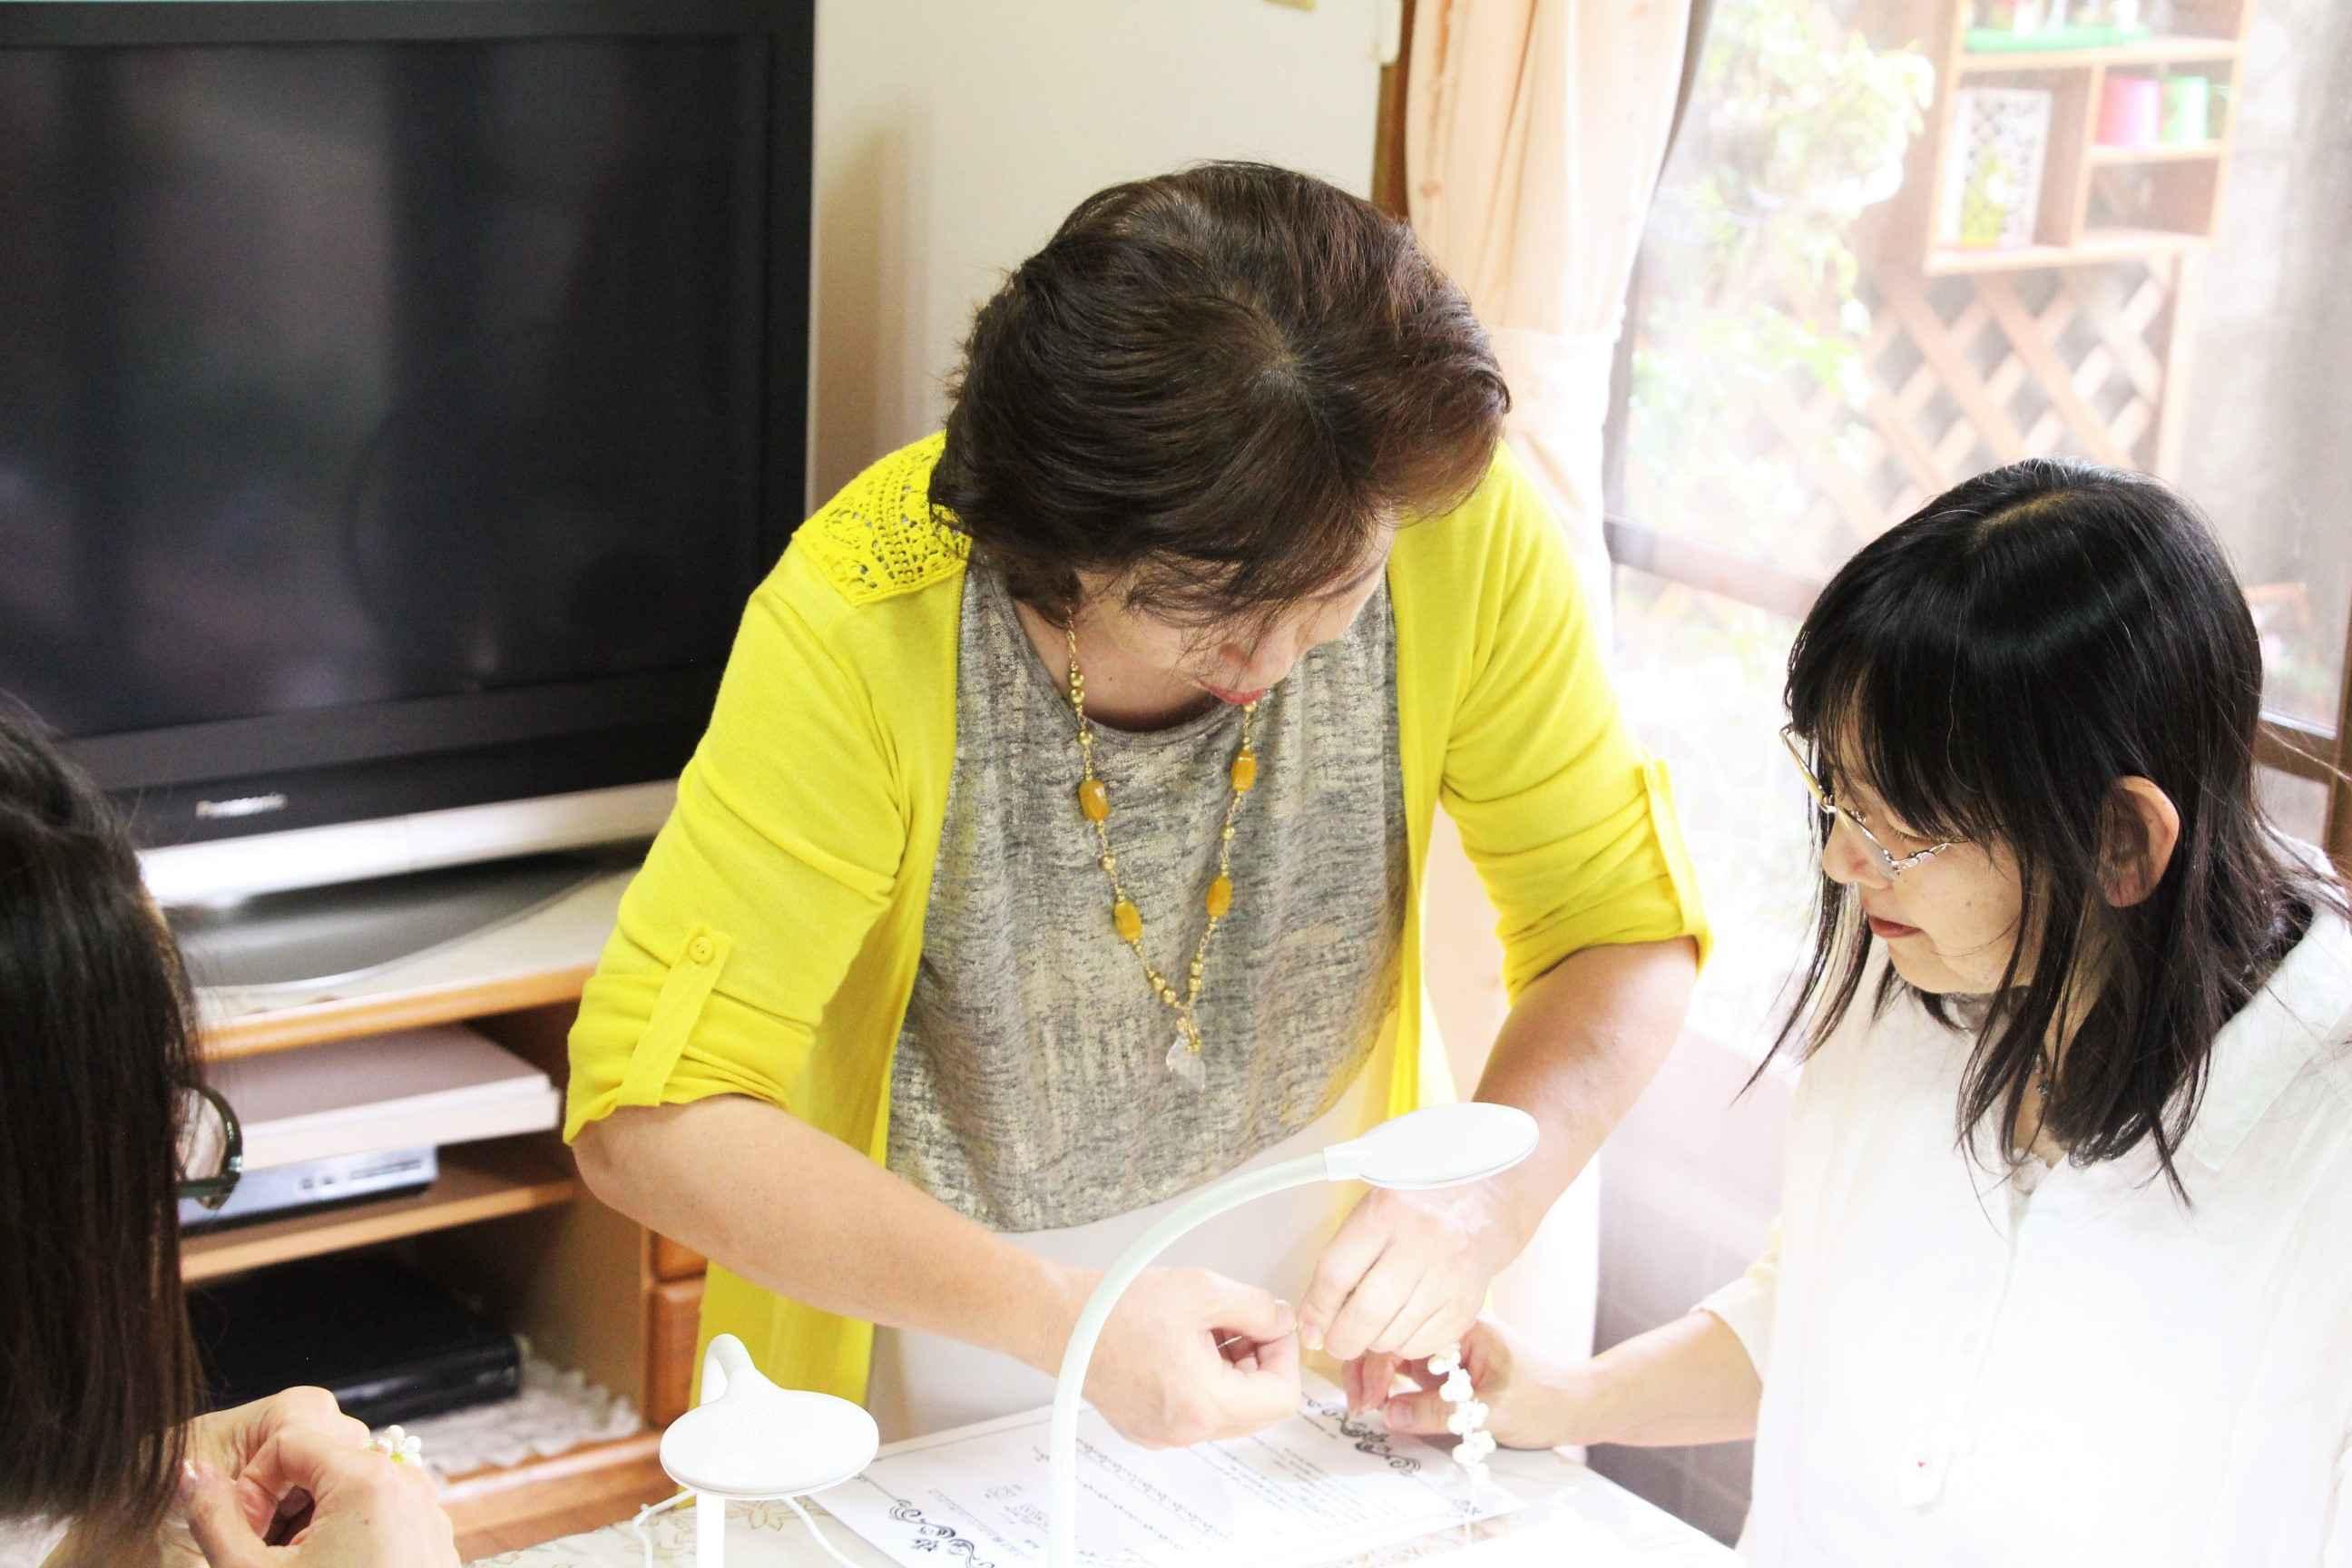 幸せ時間を作る ビーズアクセサリー教室COLORE(コローレ)